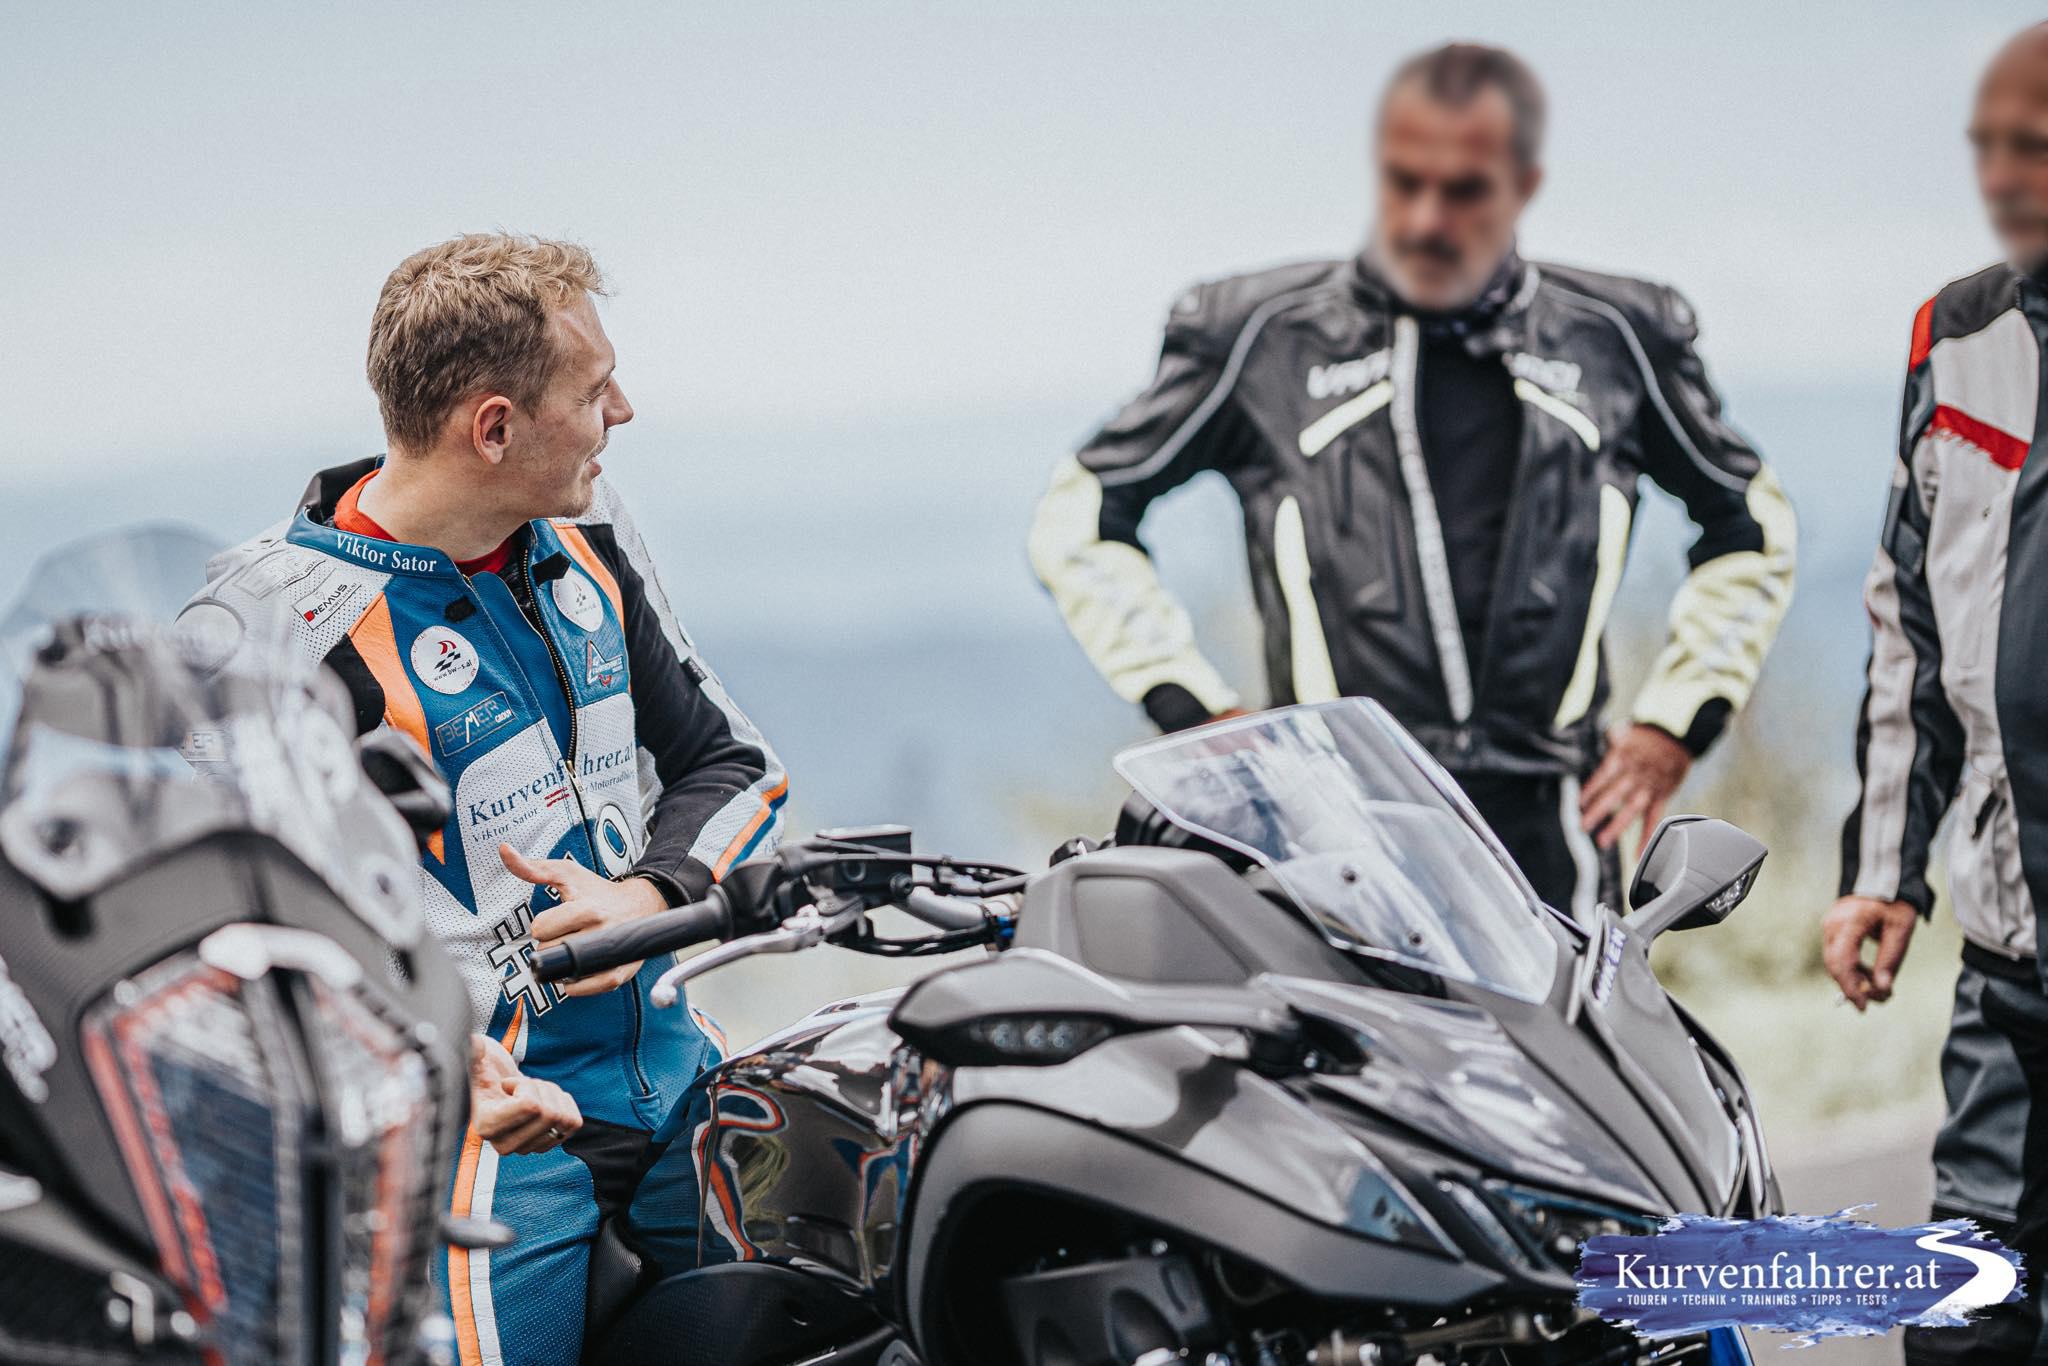 Wozu ein Motorradtraining? Brauch ich sowas überhaupt?